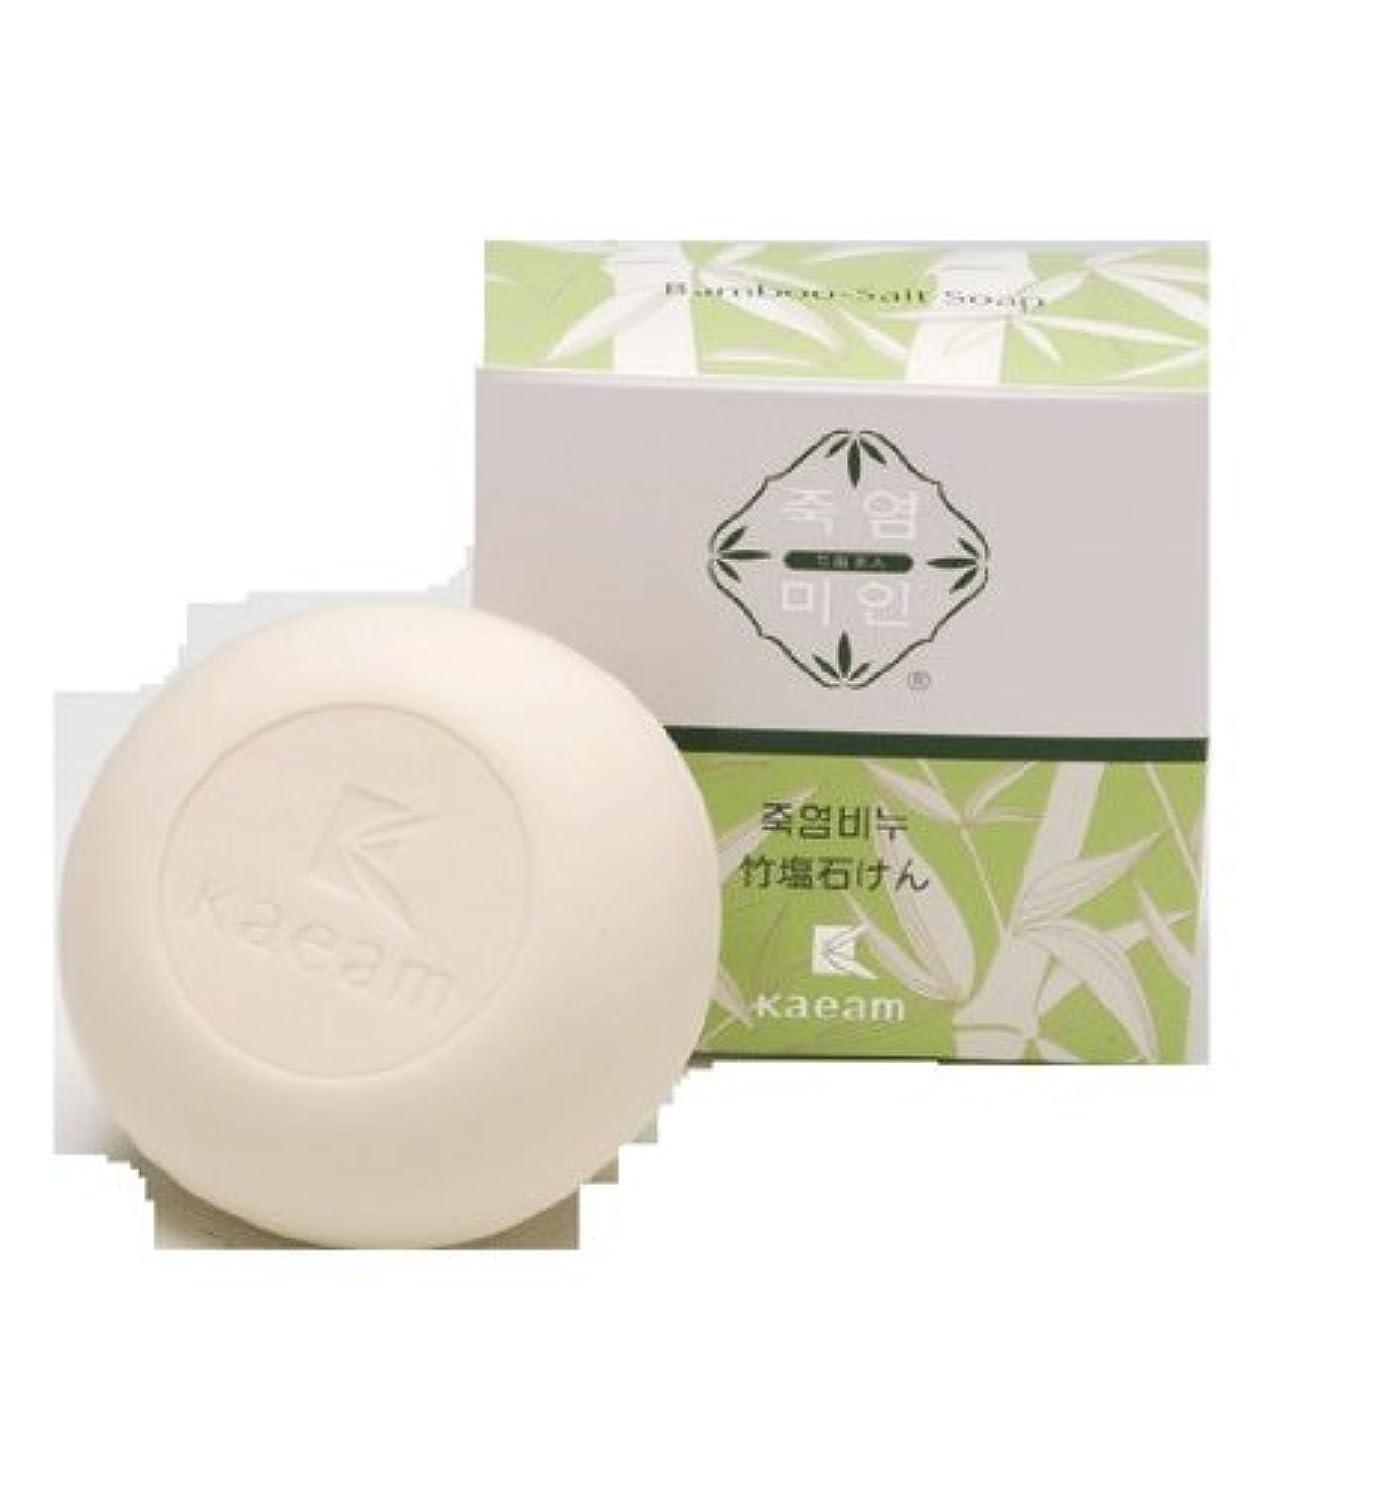 拒絶する人工アグネスグレイ洗顔せっけん 商品 竹塩石鹸 3個入り 開岩 Kaeam Bamboo Salt Soap